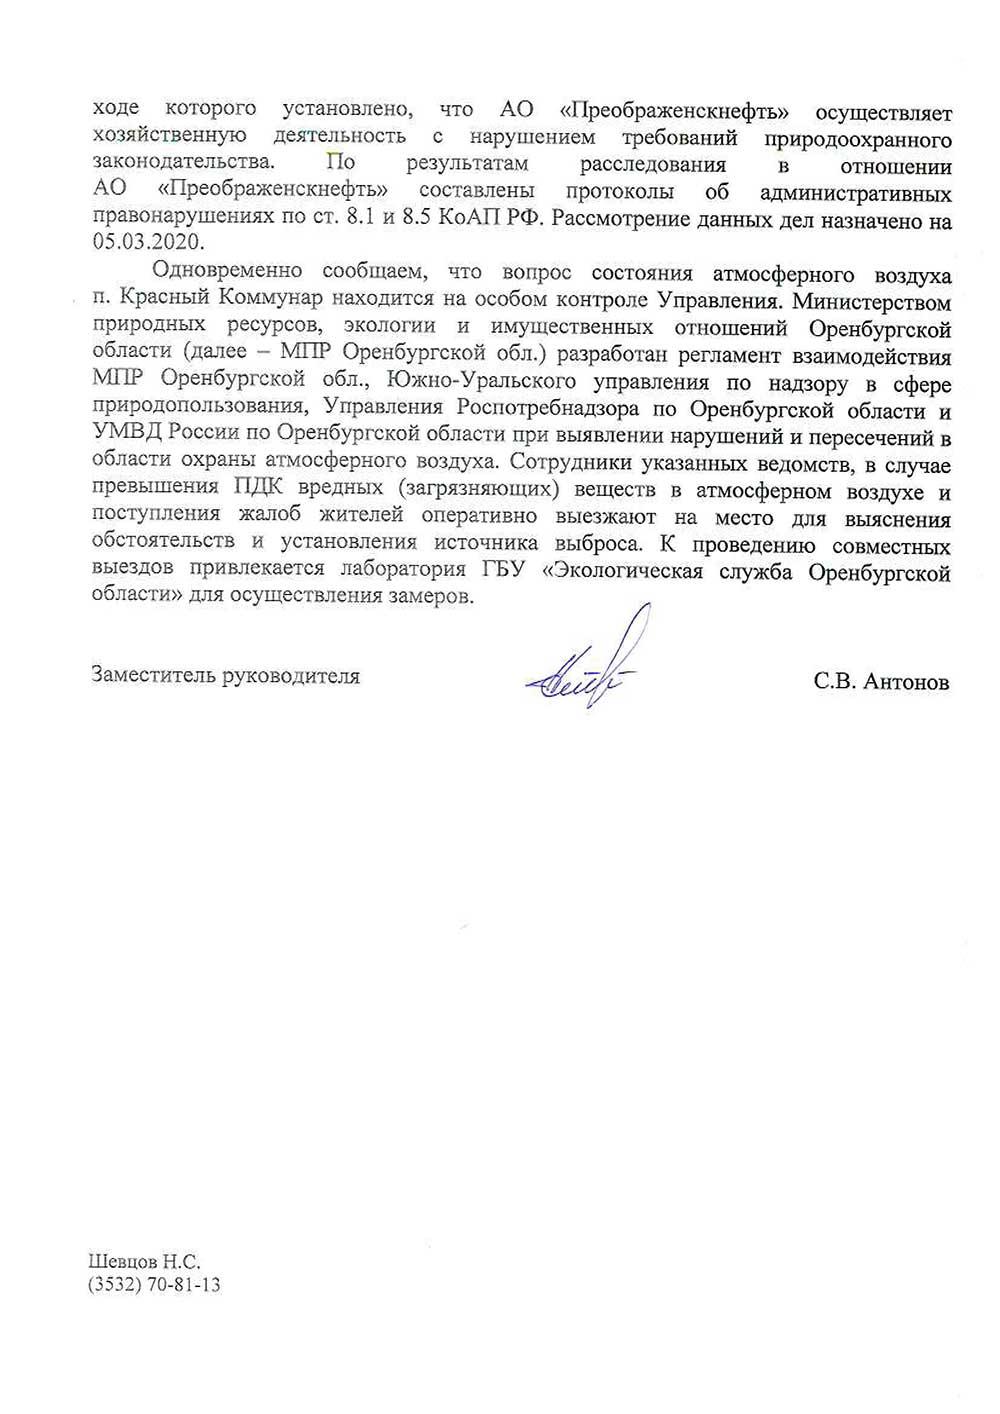 Ответ Роспотребназдора на обращение В.А. Рябова от 17.02.2020